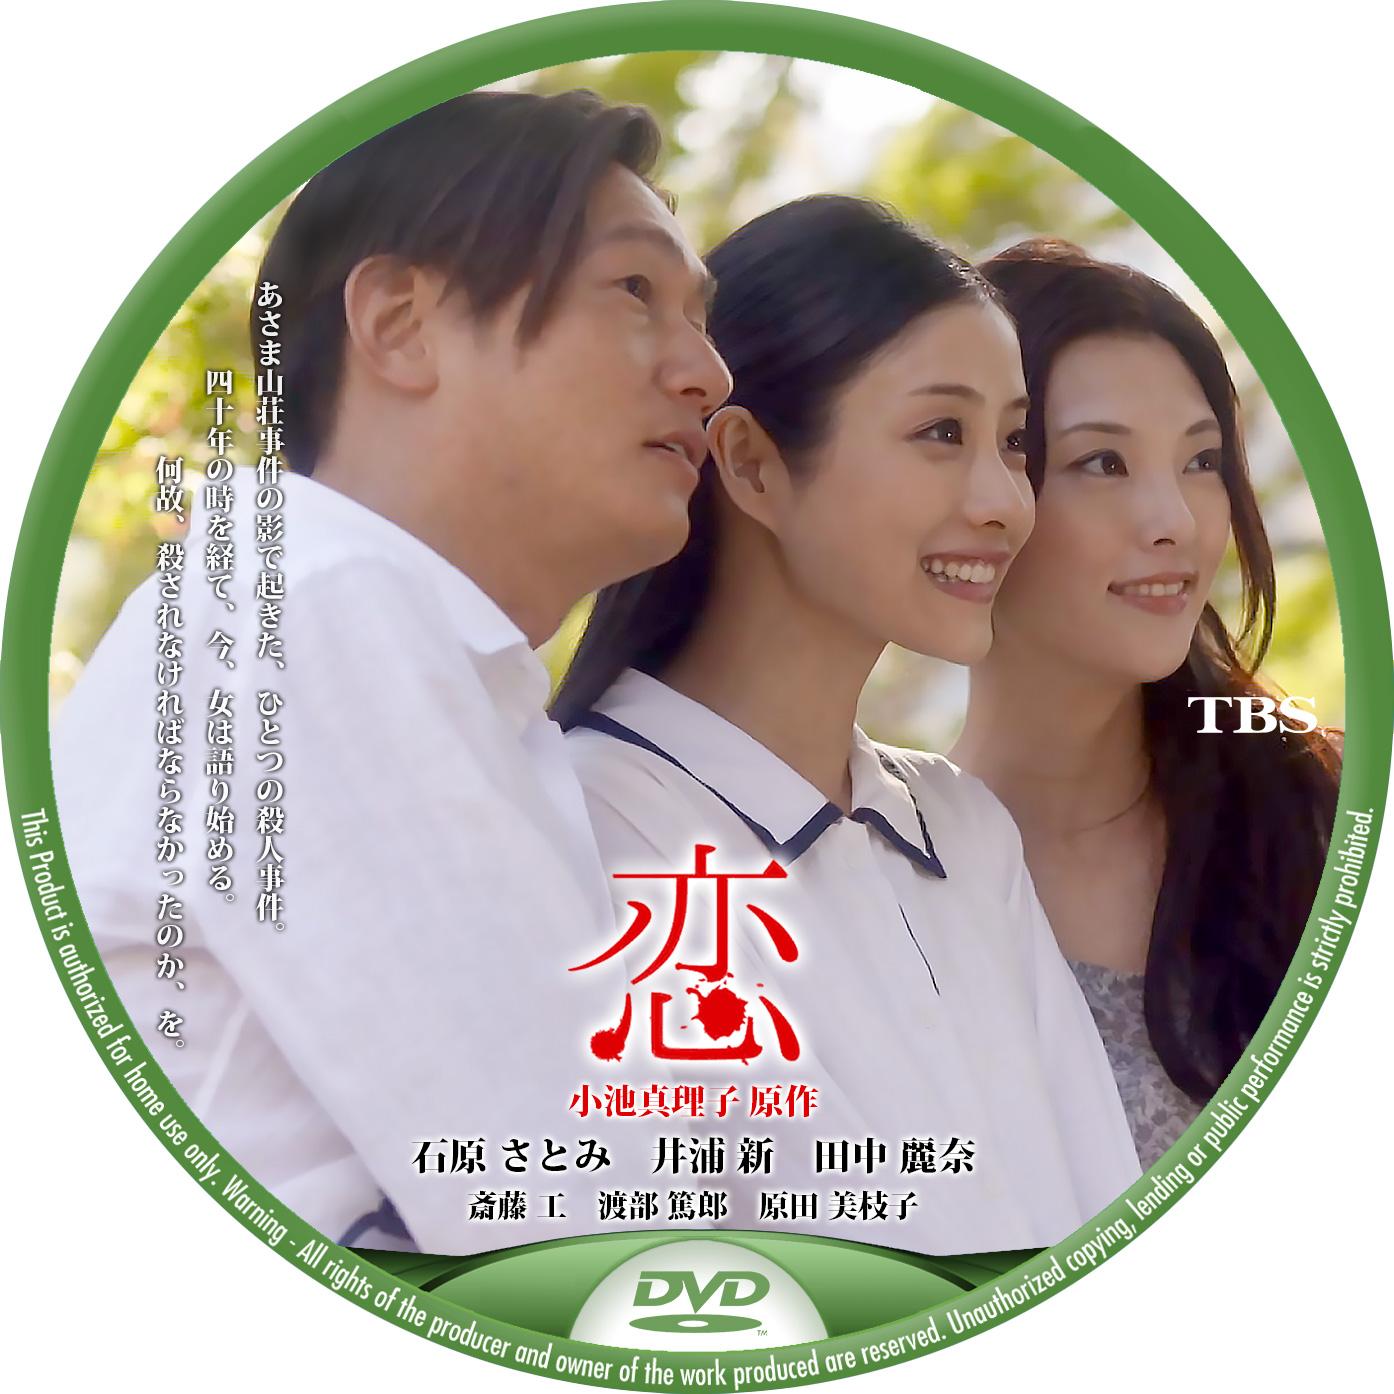 石原さとみ 井浦新 田中麗奈 DVDラベル